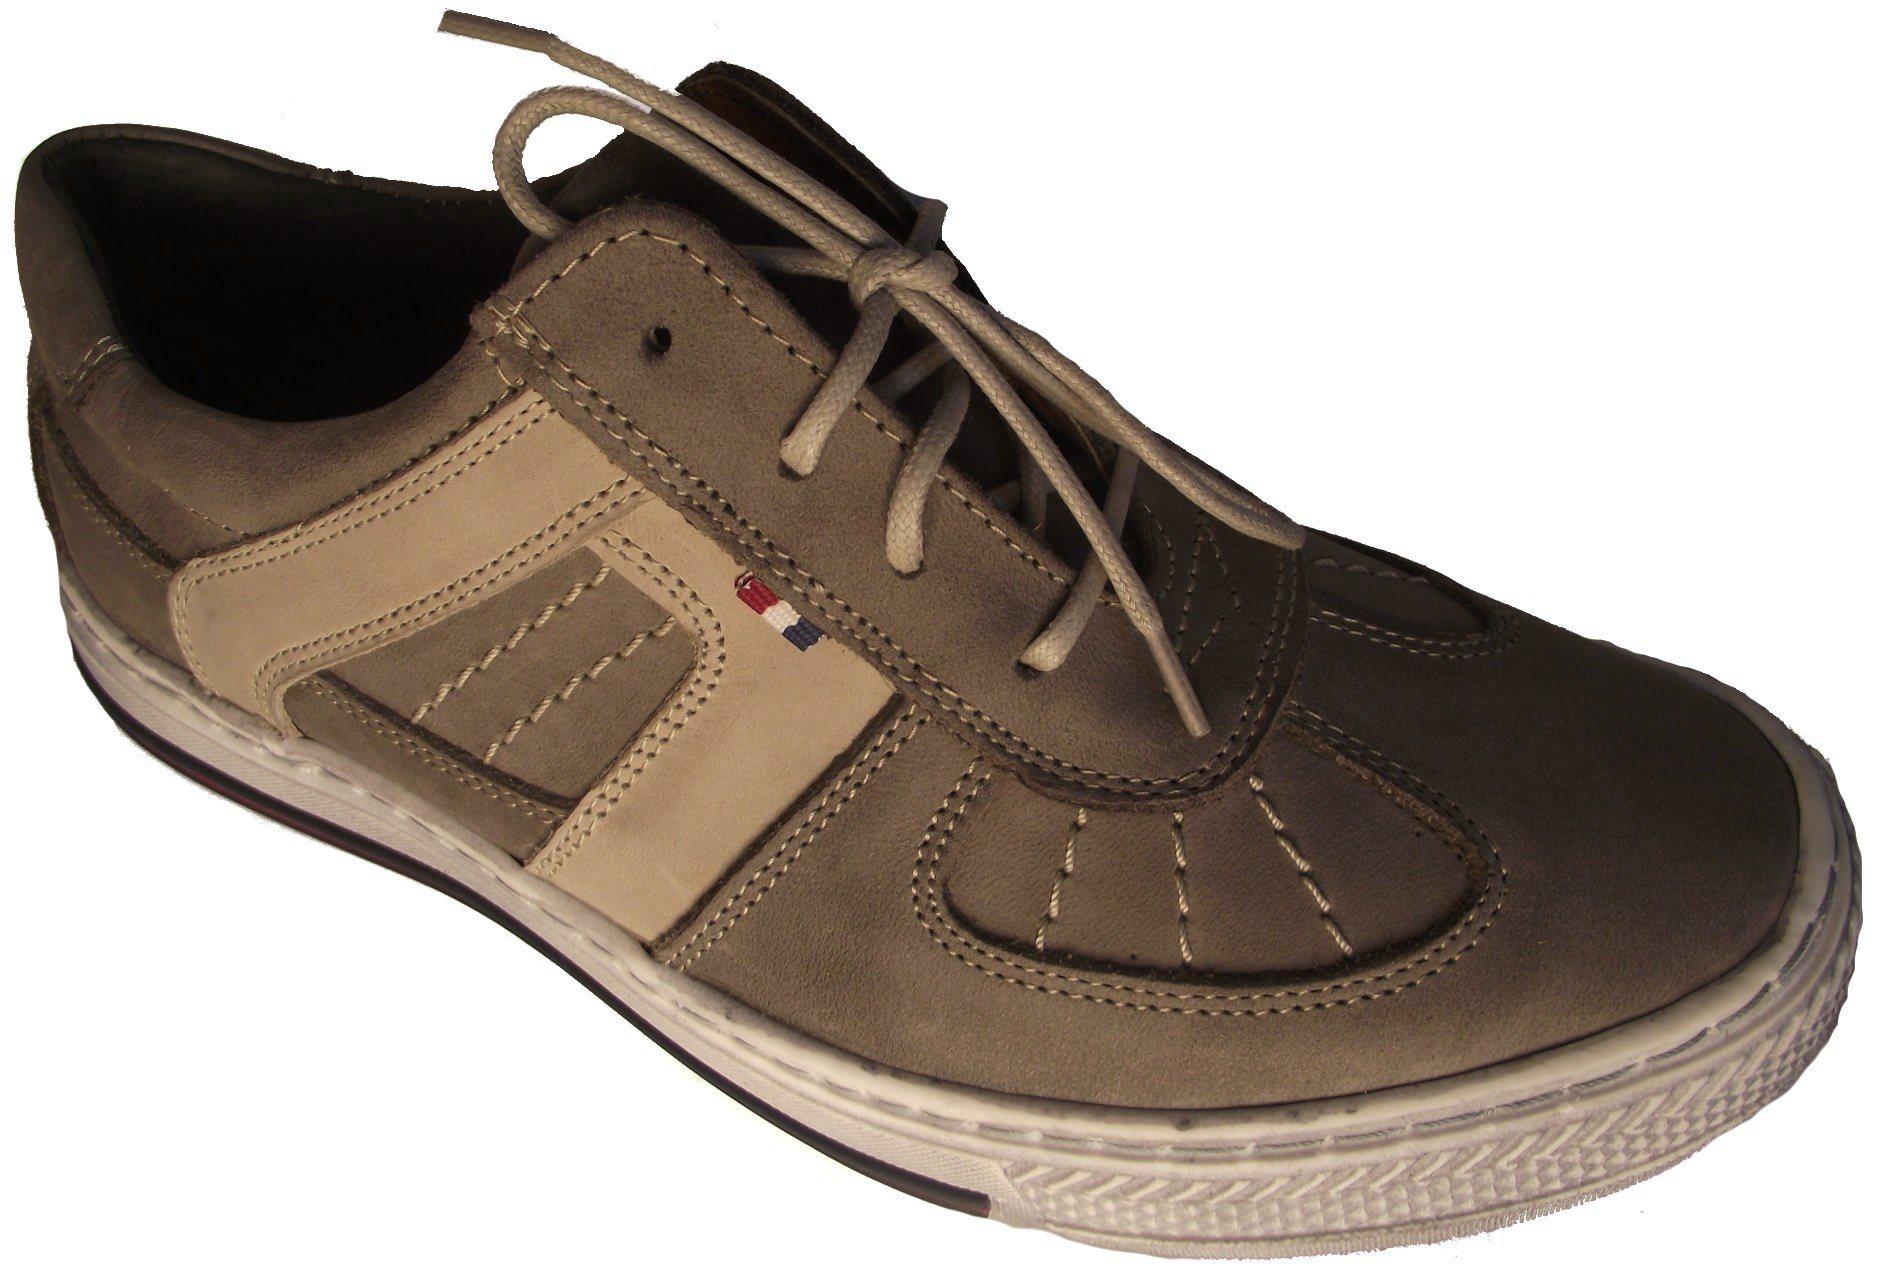 Dámská vycházková obuv NES 3357 Velikost: 38 (EU)